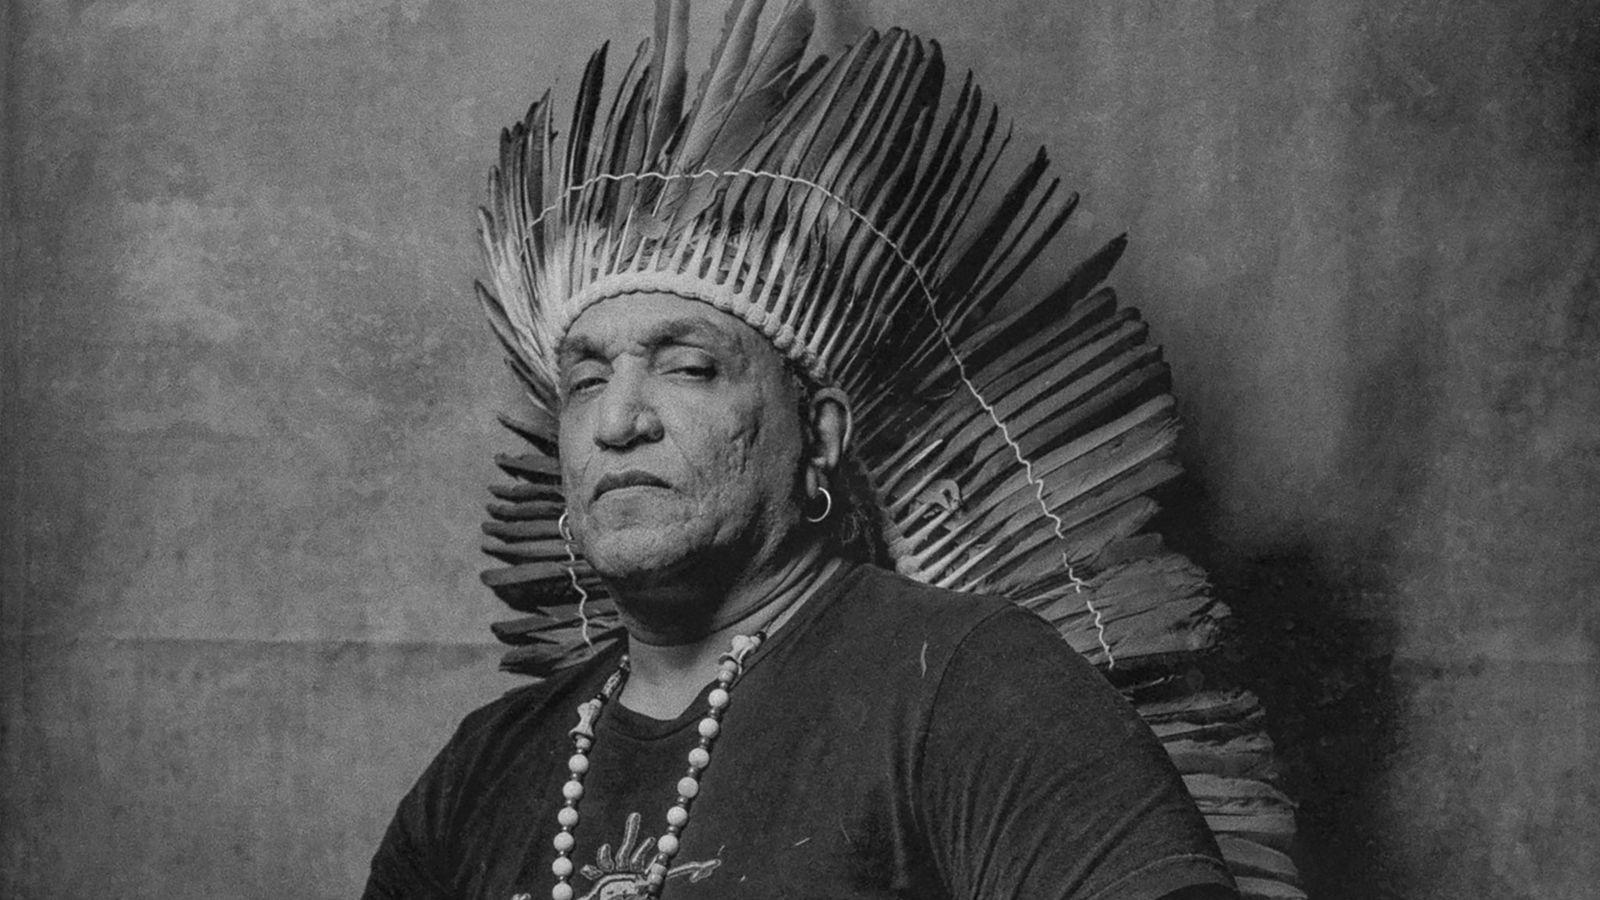 Jahrhundertelang galten die Taínos, die Ureinwohner der Karibik, als ausgerottet. Kürzlich konnten Historiker und DNA-Analysen aber ...